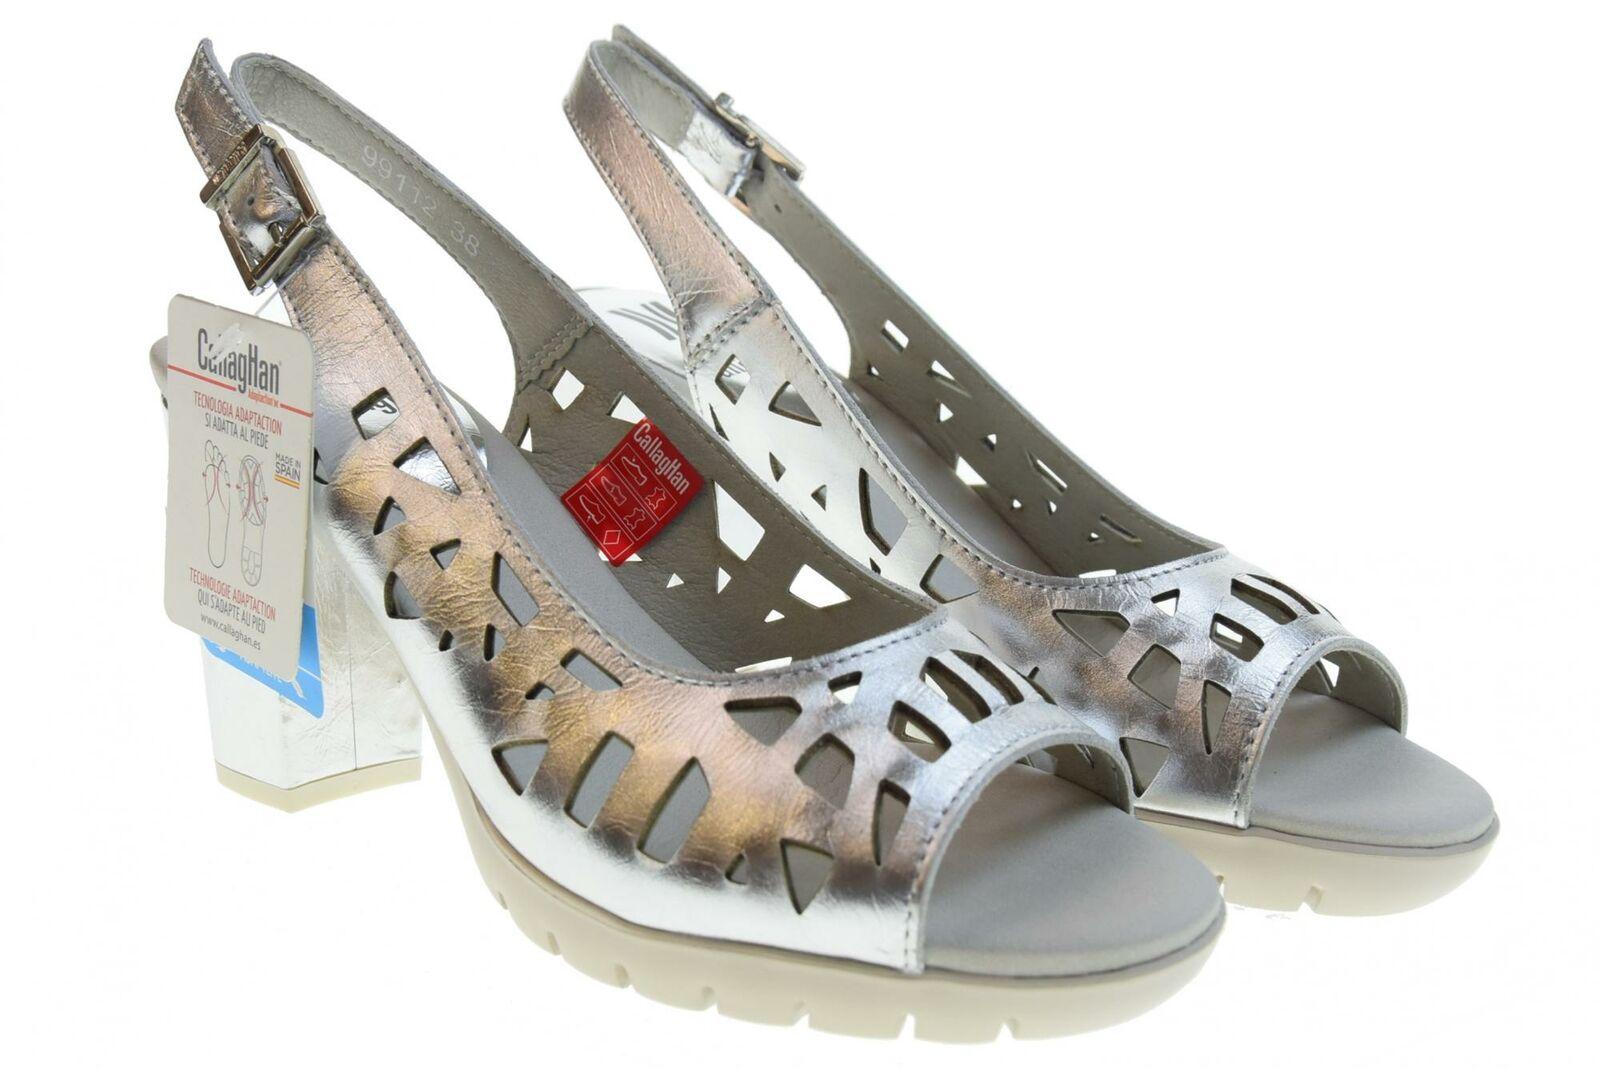 Callaghan P19g Schuhe Frau pumpt Ausschnitt 99112 SILBER